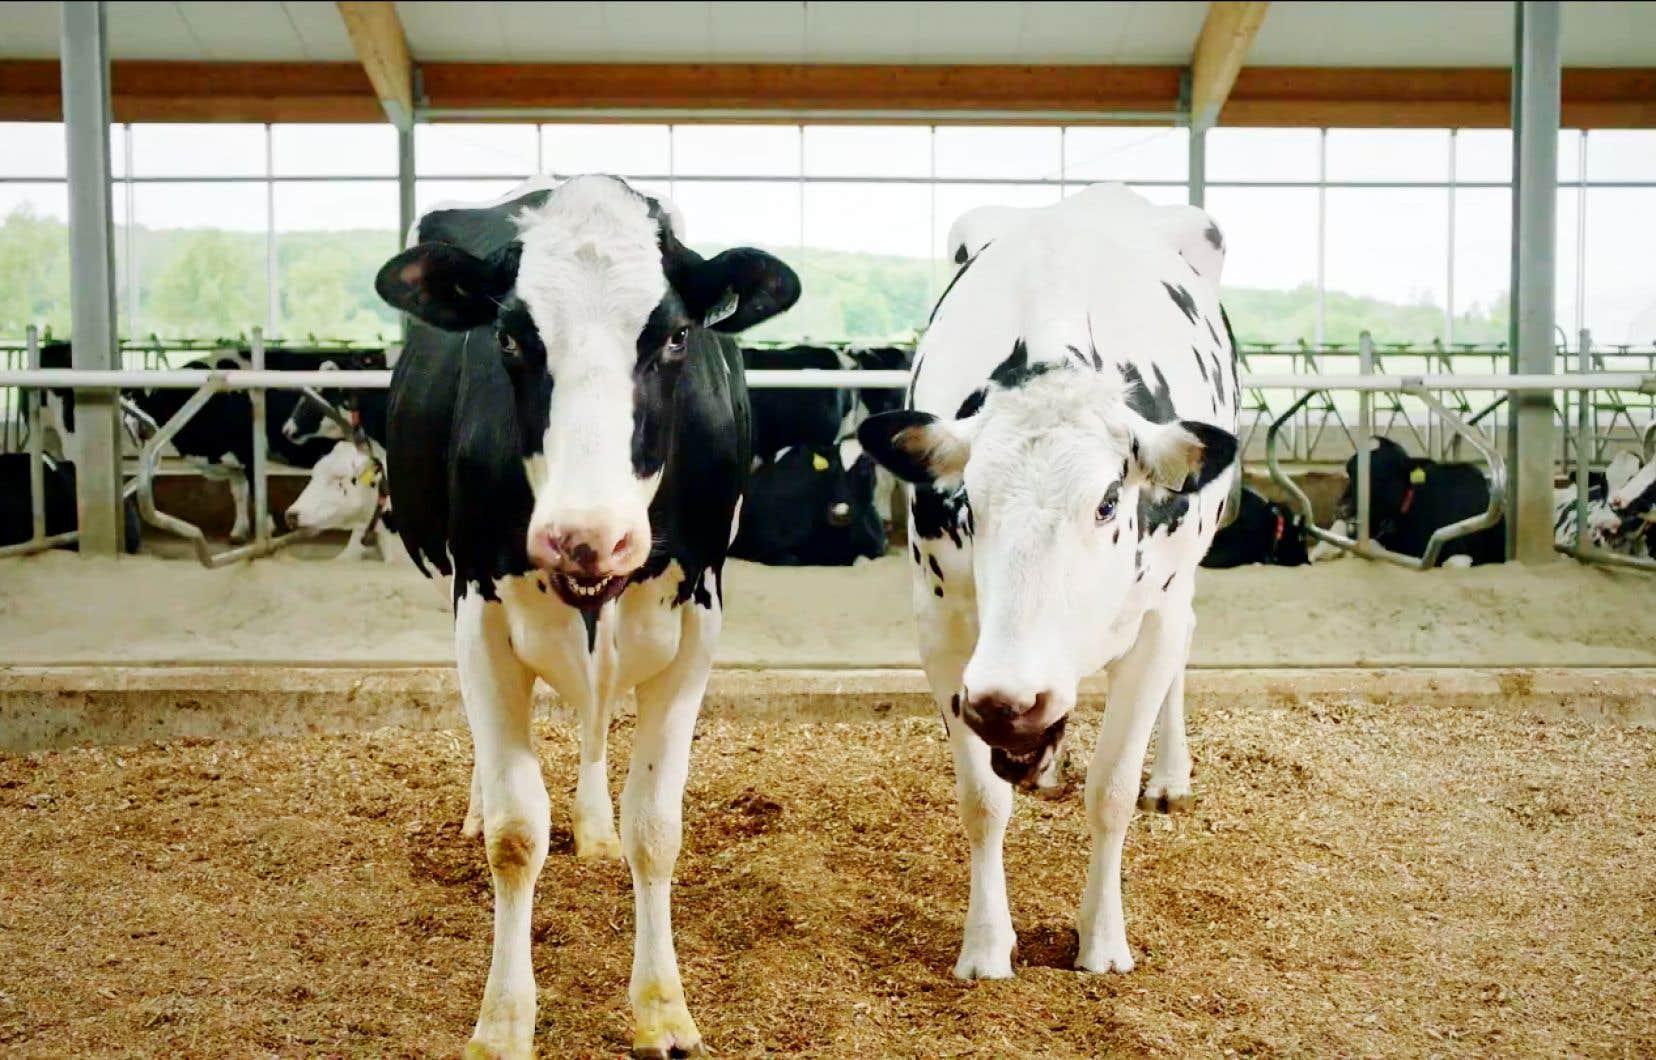 La campagne «Payez-vous la traite», utilisantl'humour pour aider à écouler les surplus de lait occasionnés par la fermeture des cafés et des restaurants (soit 35% du marché), montrait des vaches parlantes «qui connaissent vraiment ça, la traite».